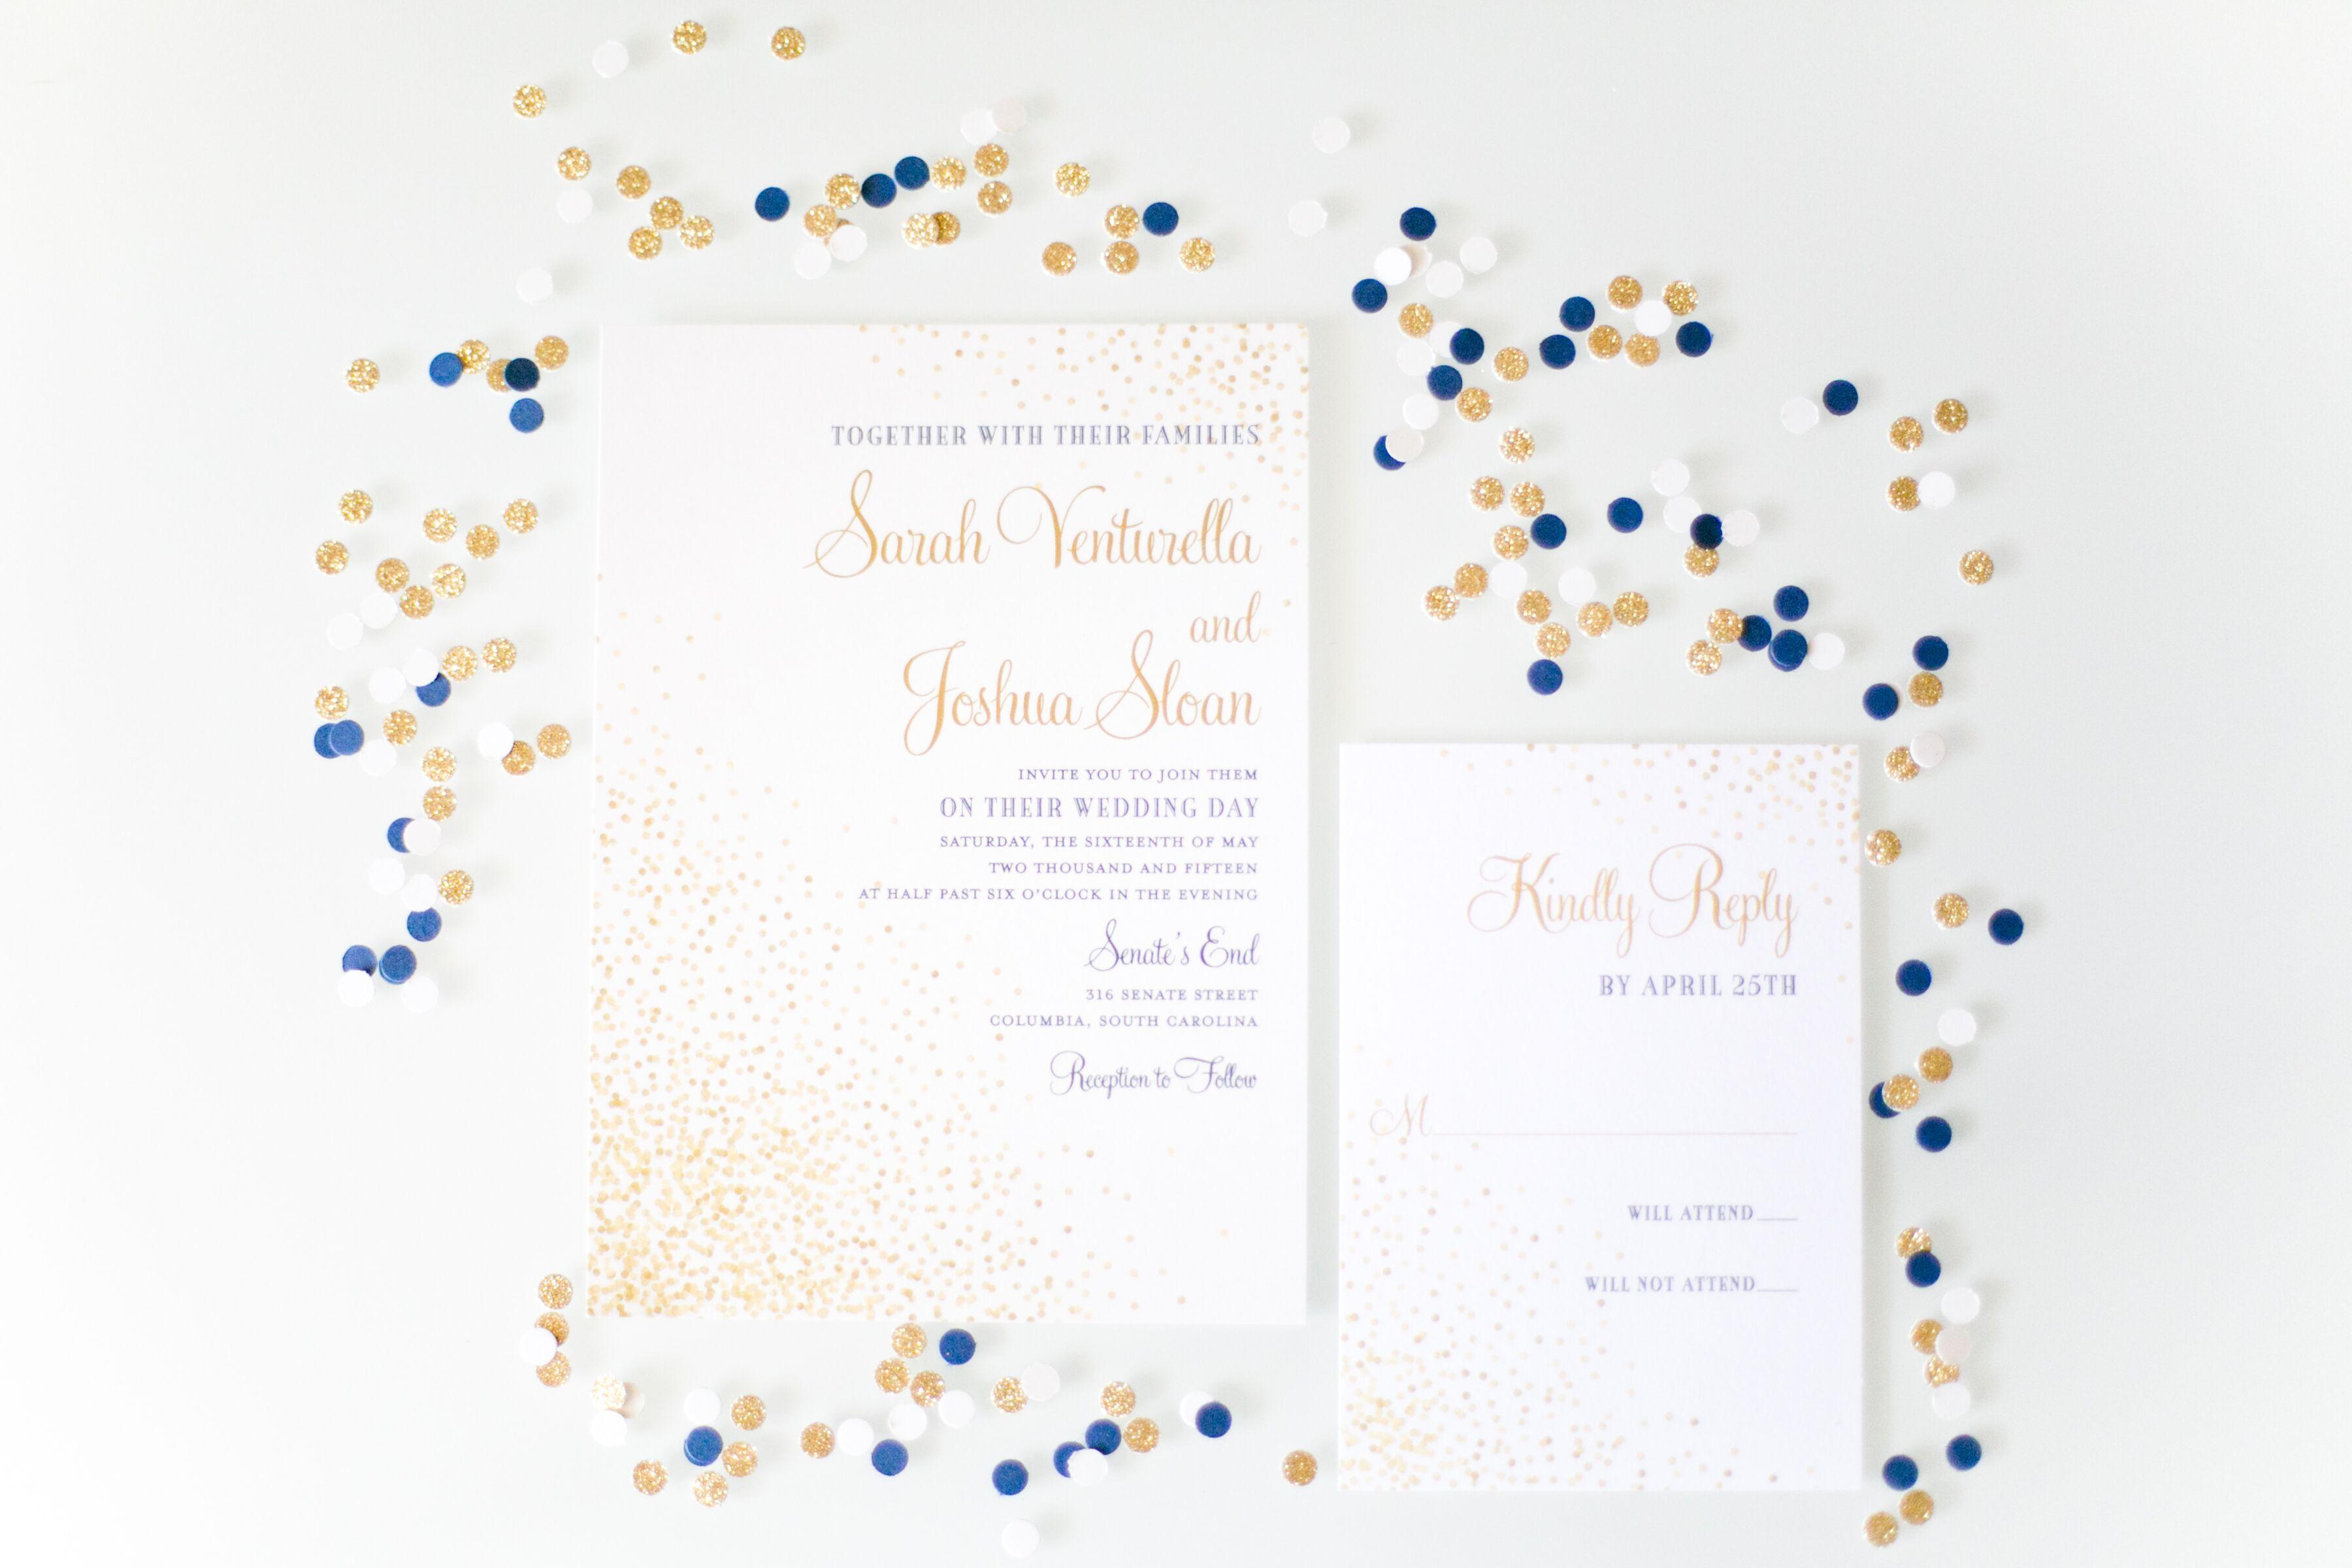 Gold-Confetti-Decorated White Wedding Invitations